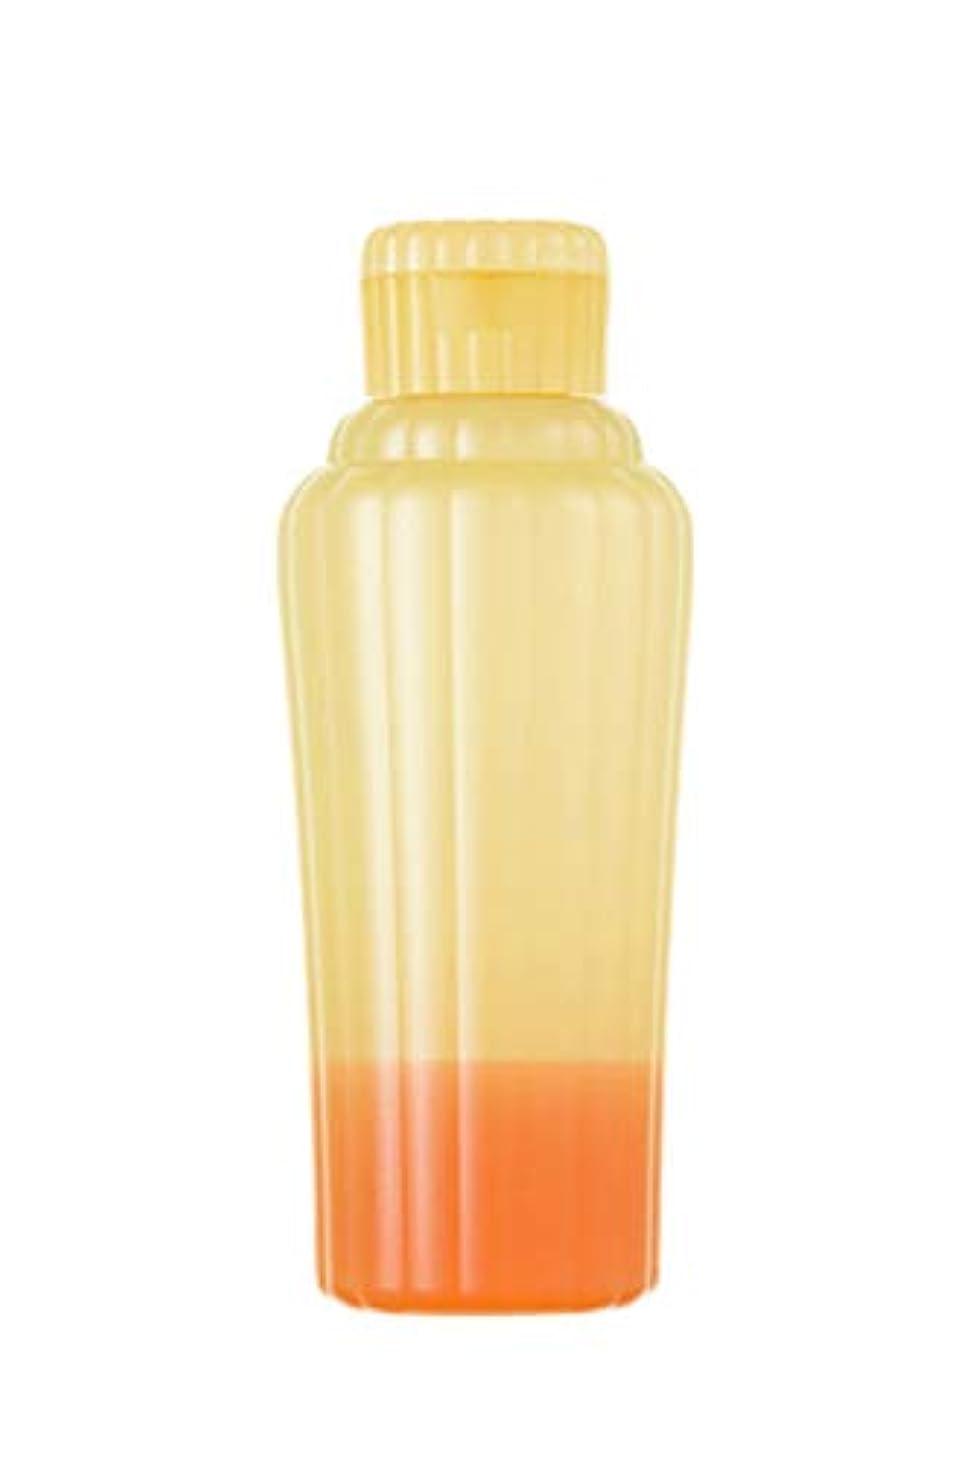 馬鹿サンプル描写アユーラ (AYURA) ウェルバランス ナイトリートバス 300mL 〈浴用 入浴剤〉 うるおい スキンケア アロマティックハーブの香り